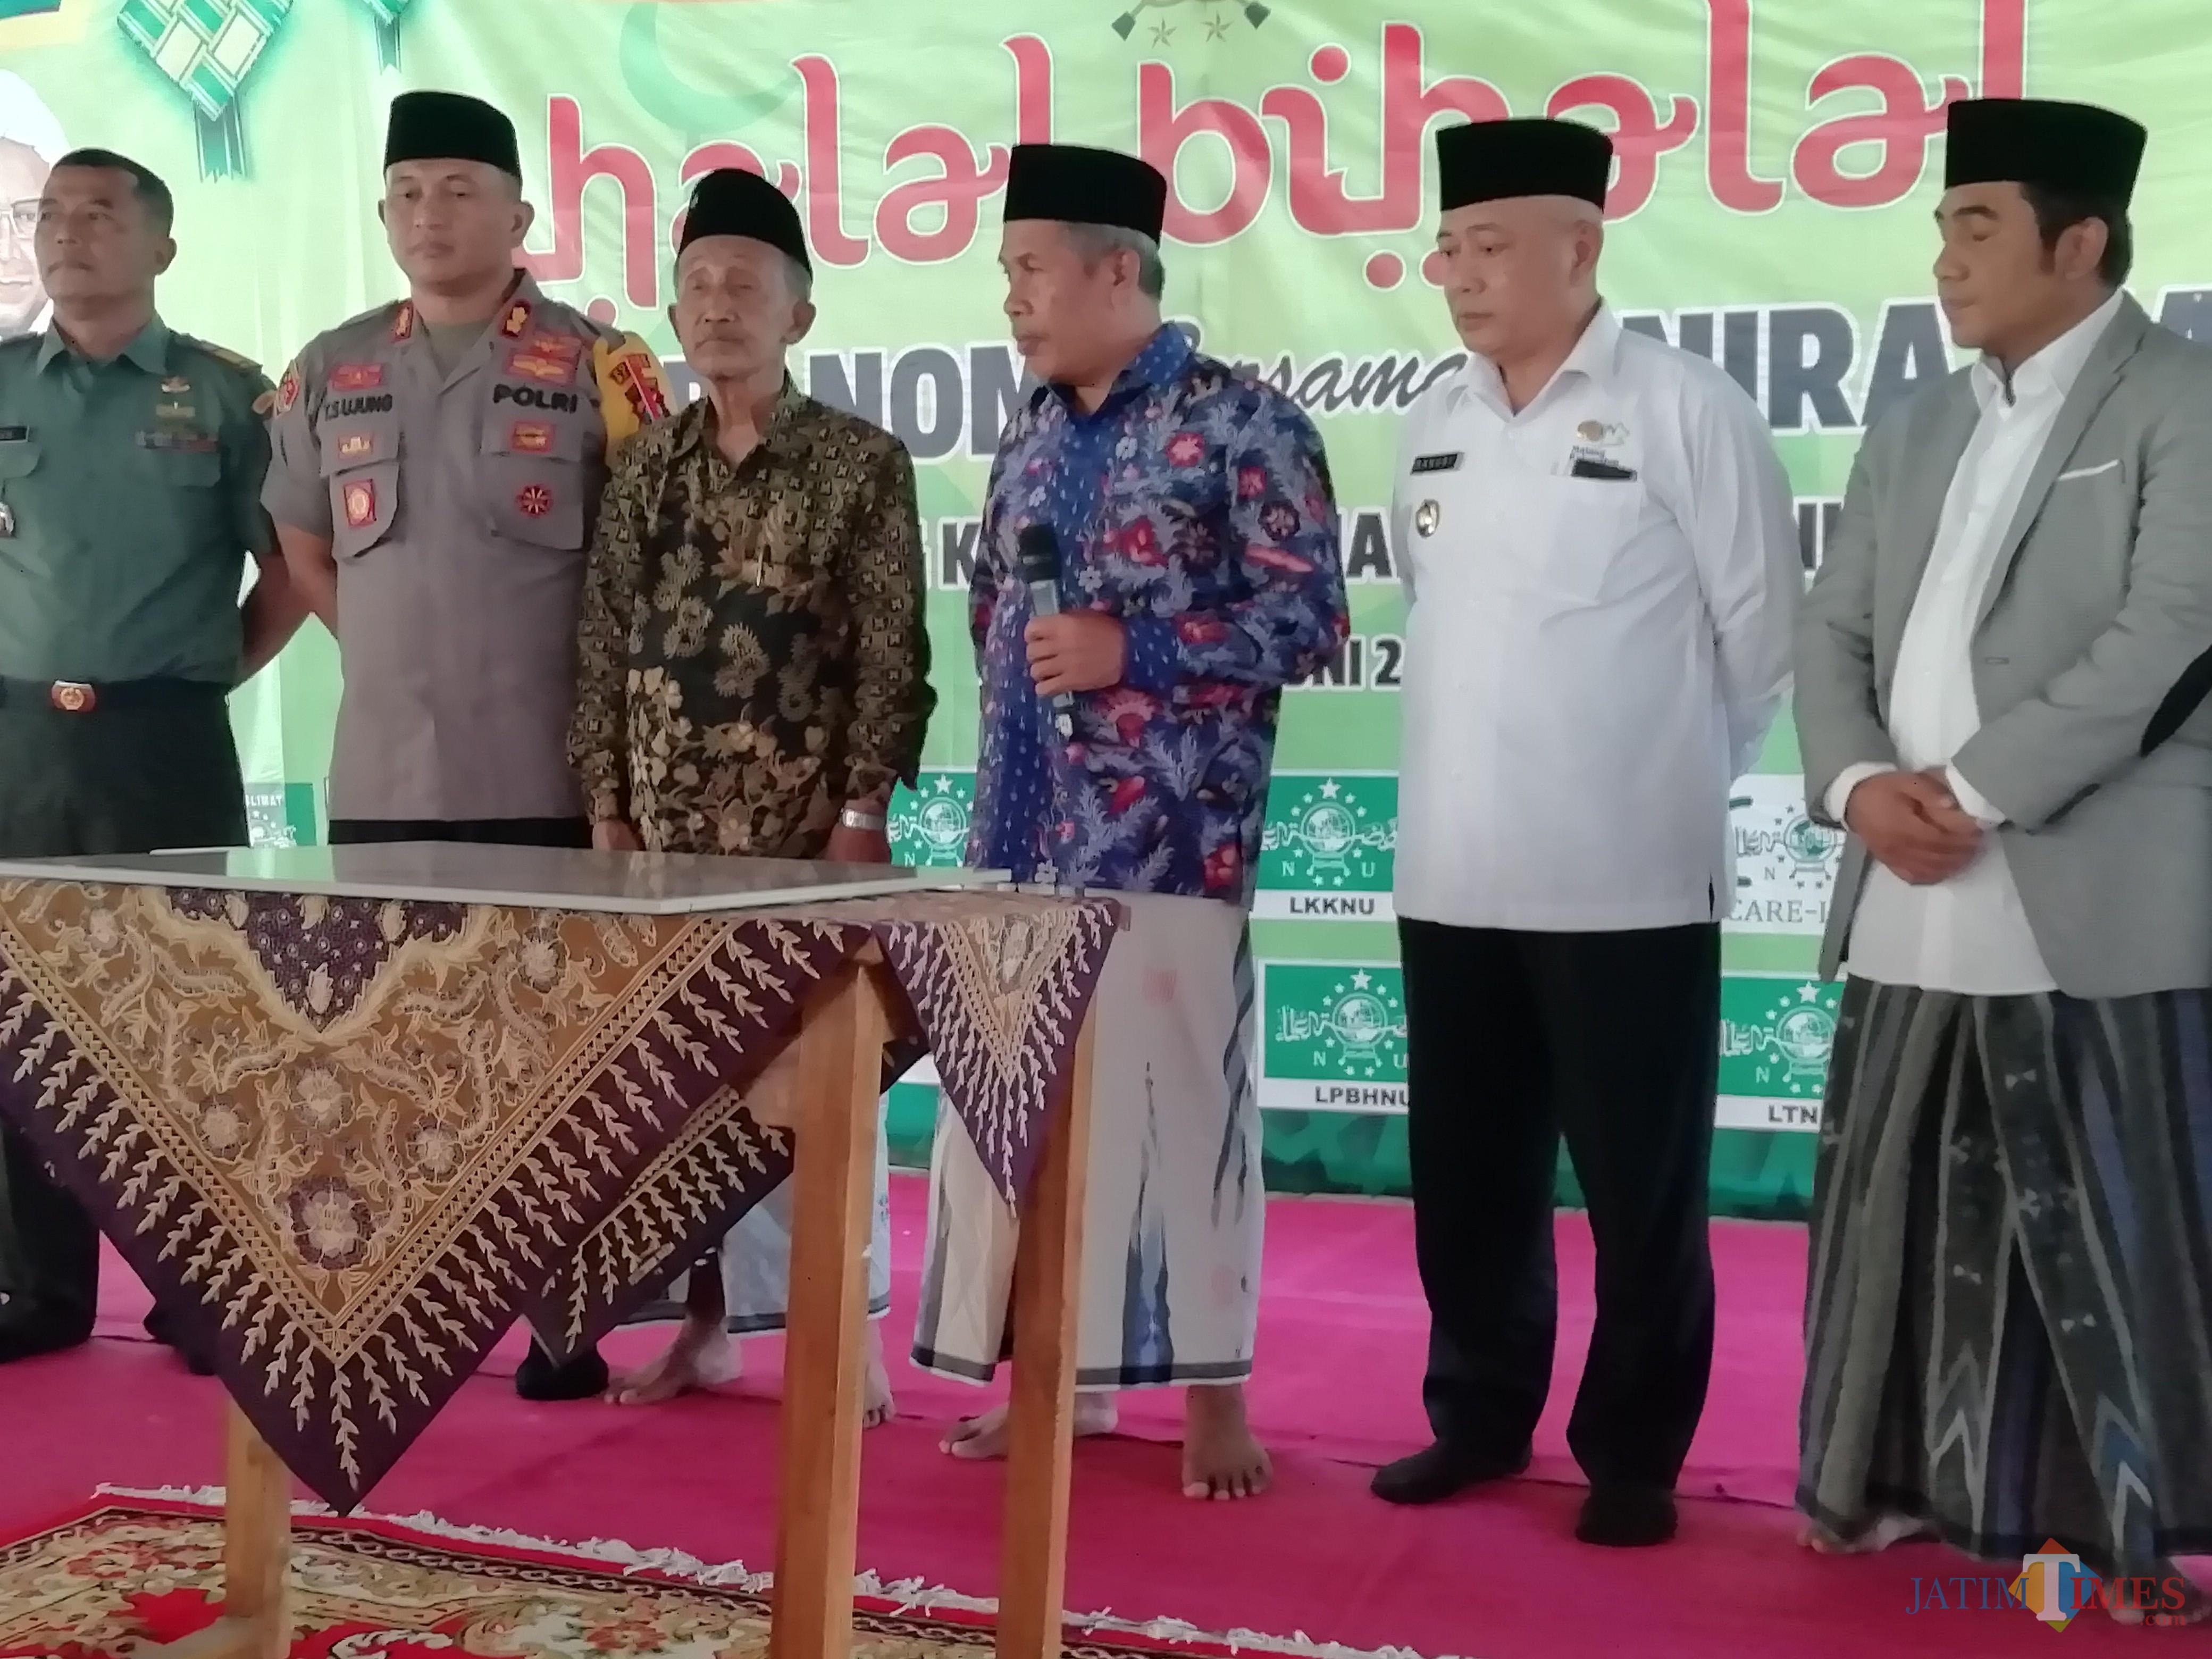 Ketua NU Jatim KH Marzuki Mustamar (3 dari kanan) saat akan meresmikan gedung yang dinamakan KH Tolchah Hasan di Unira, Kepanjen (Nana)